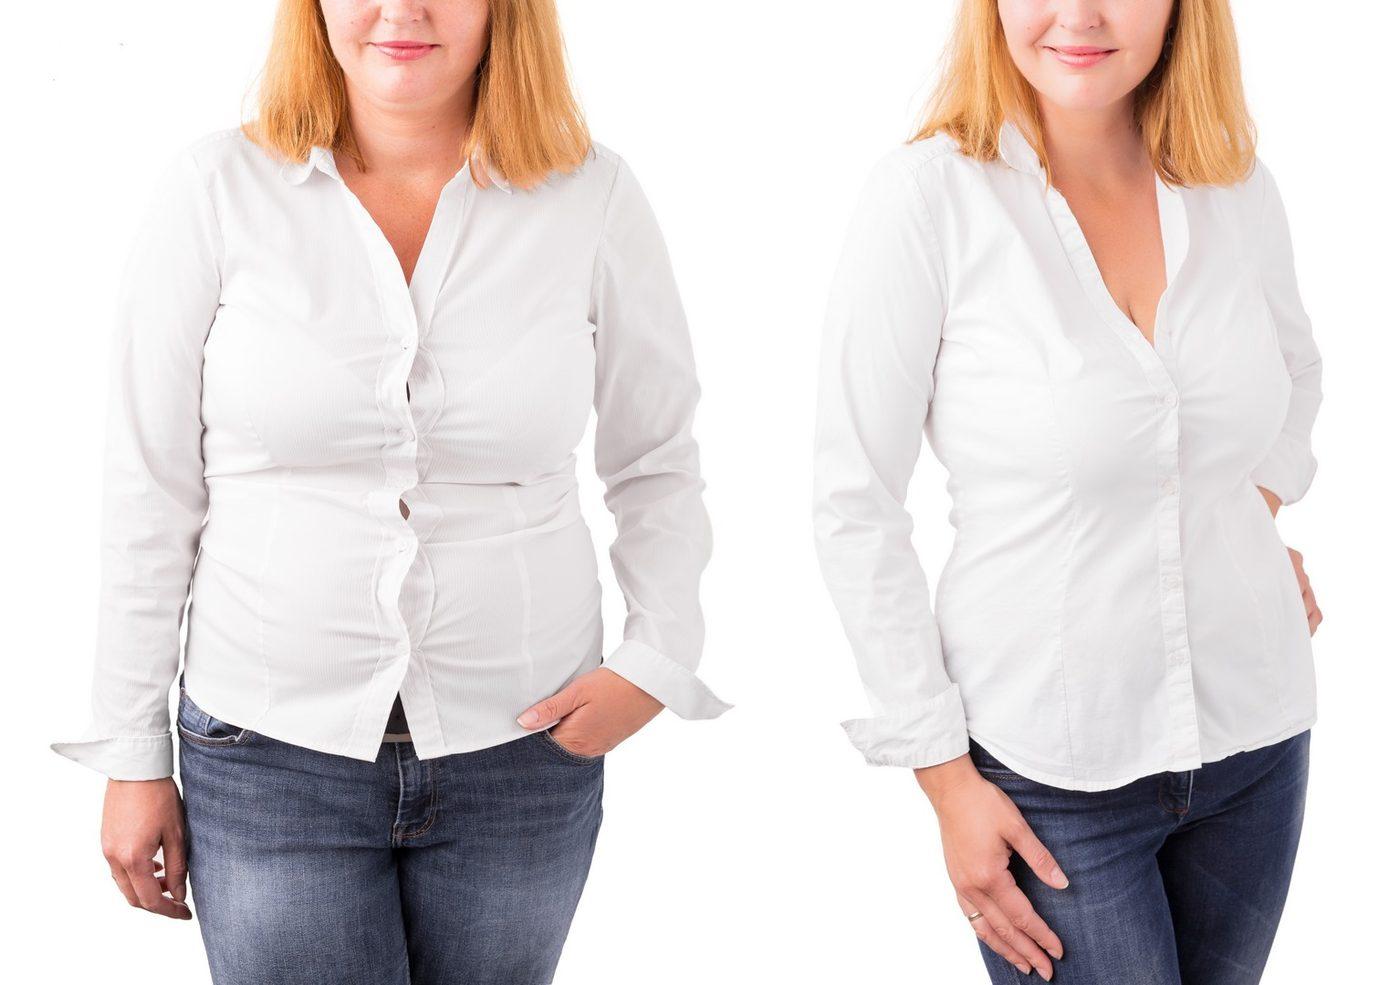 Похудеть в домашних условиях после 30